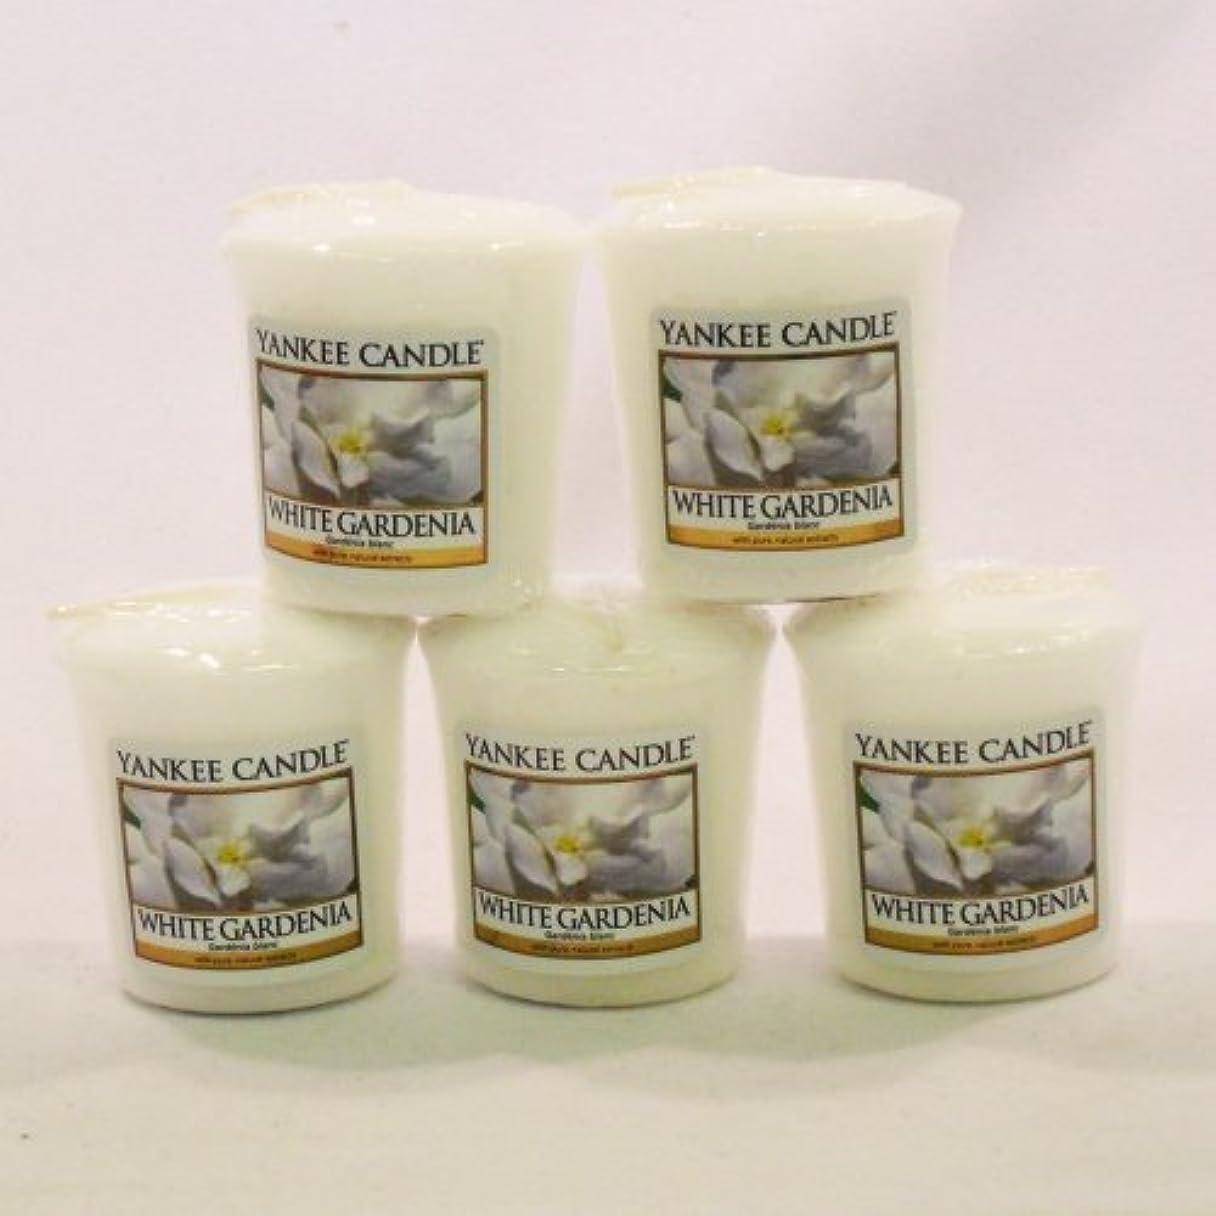 正確さ返還ネックレスYankee Candleサンプラーvotives-yankee Candle – 5 xホワイトGardenia Votive Samplers – 新しい香りfor 2012 。